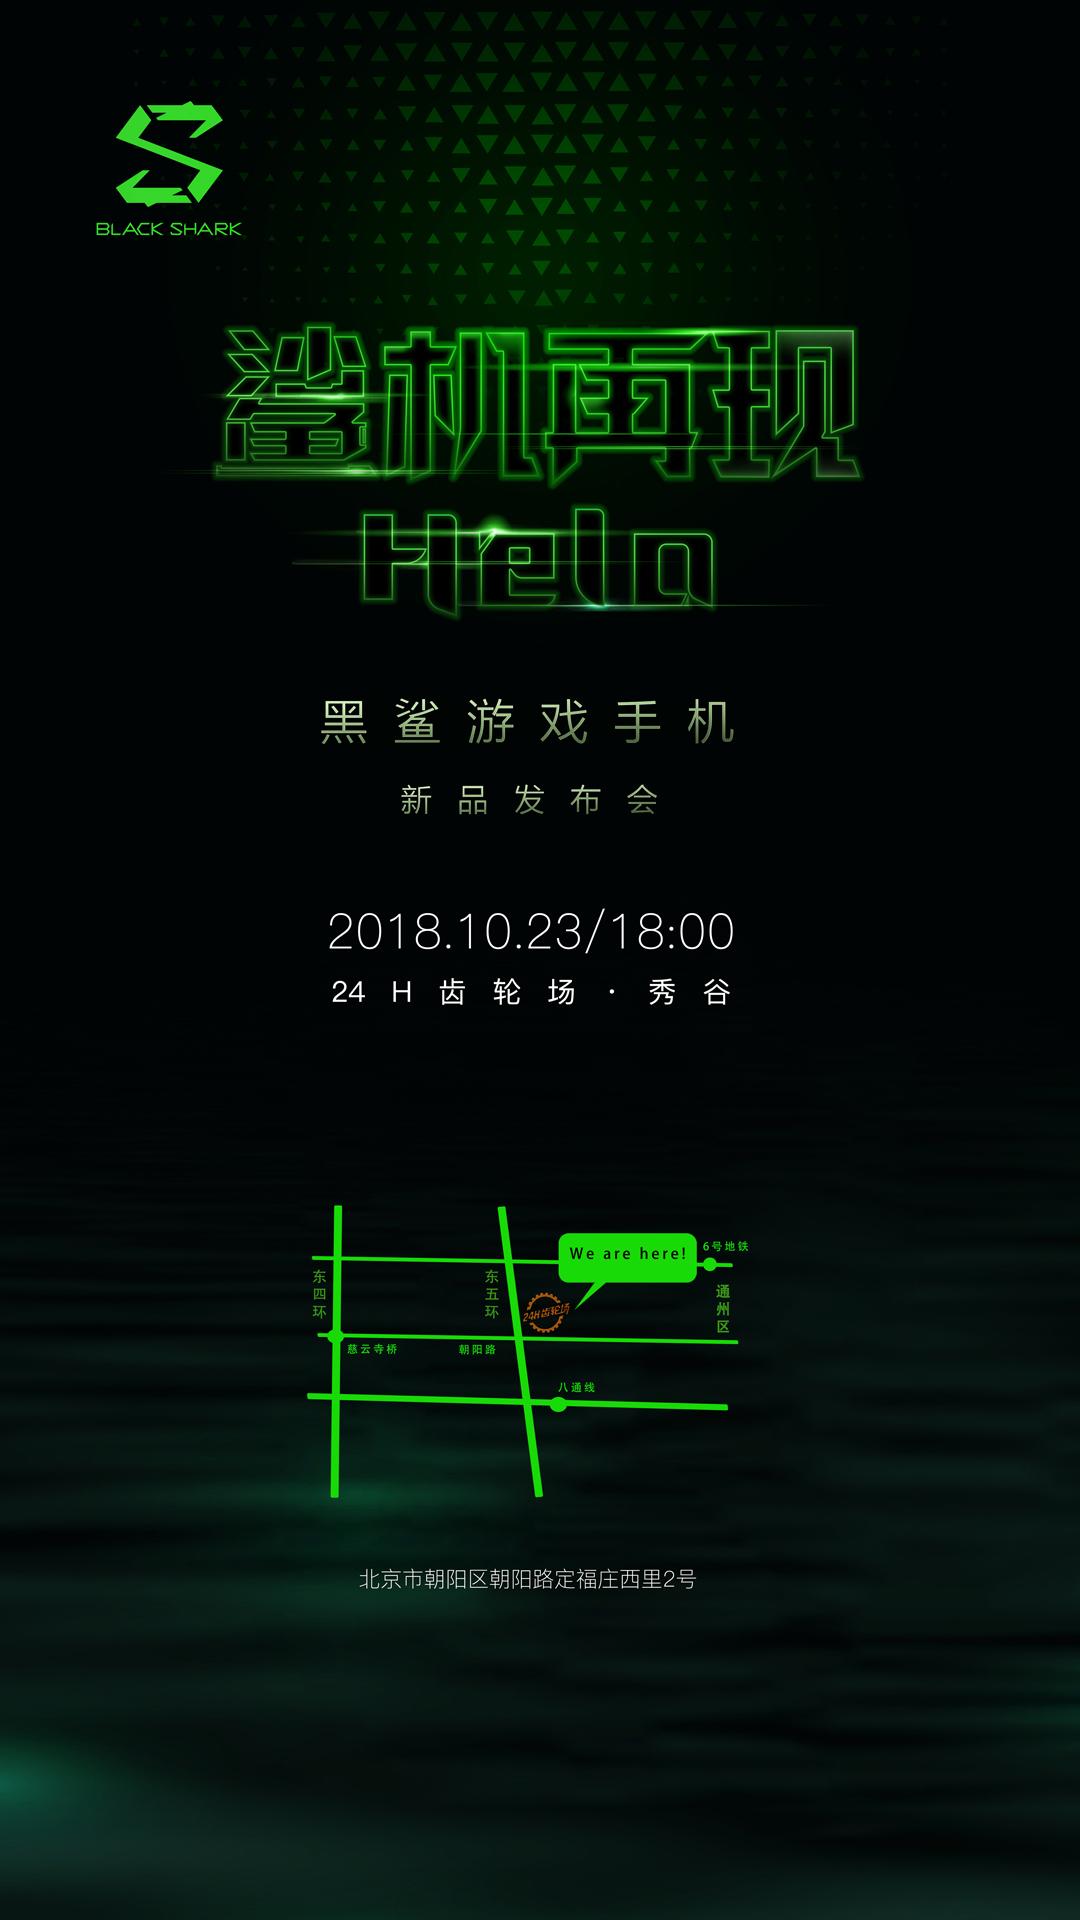 黑鲨手机10月23日新品发布会海报